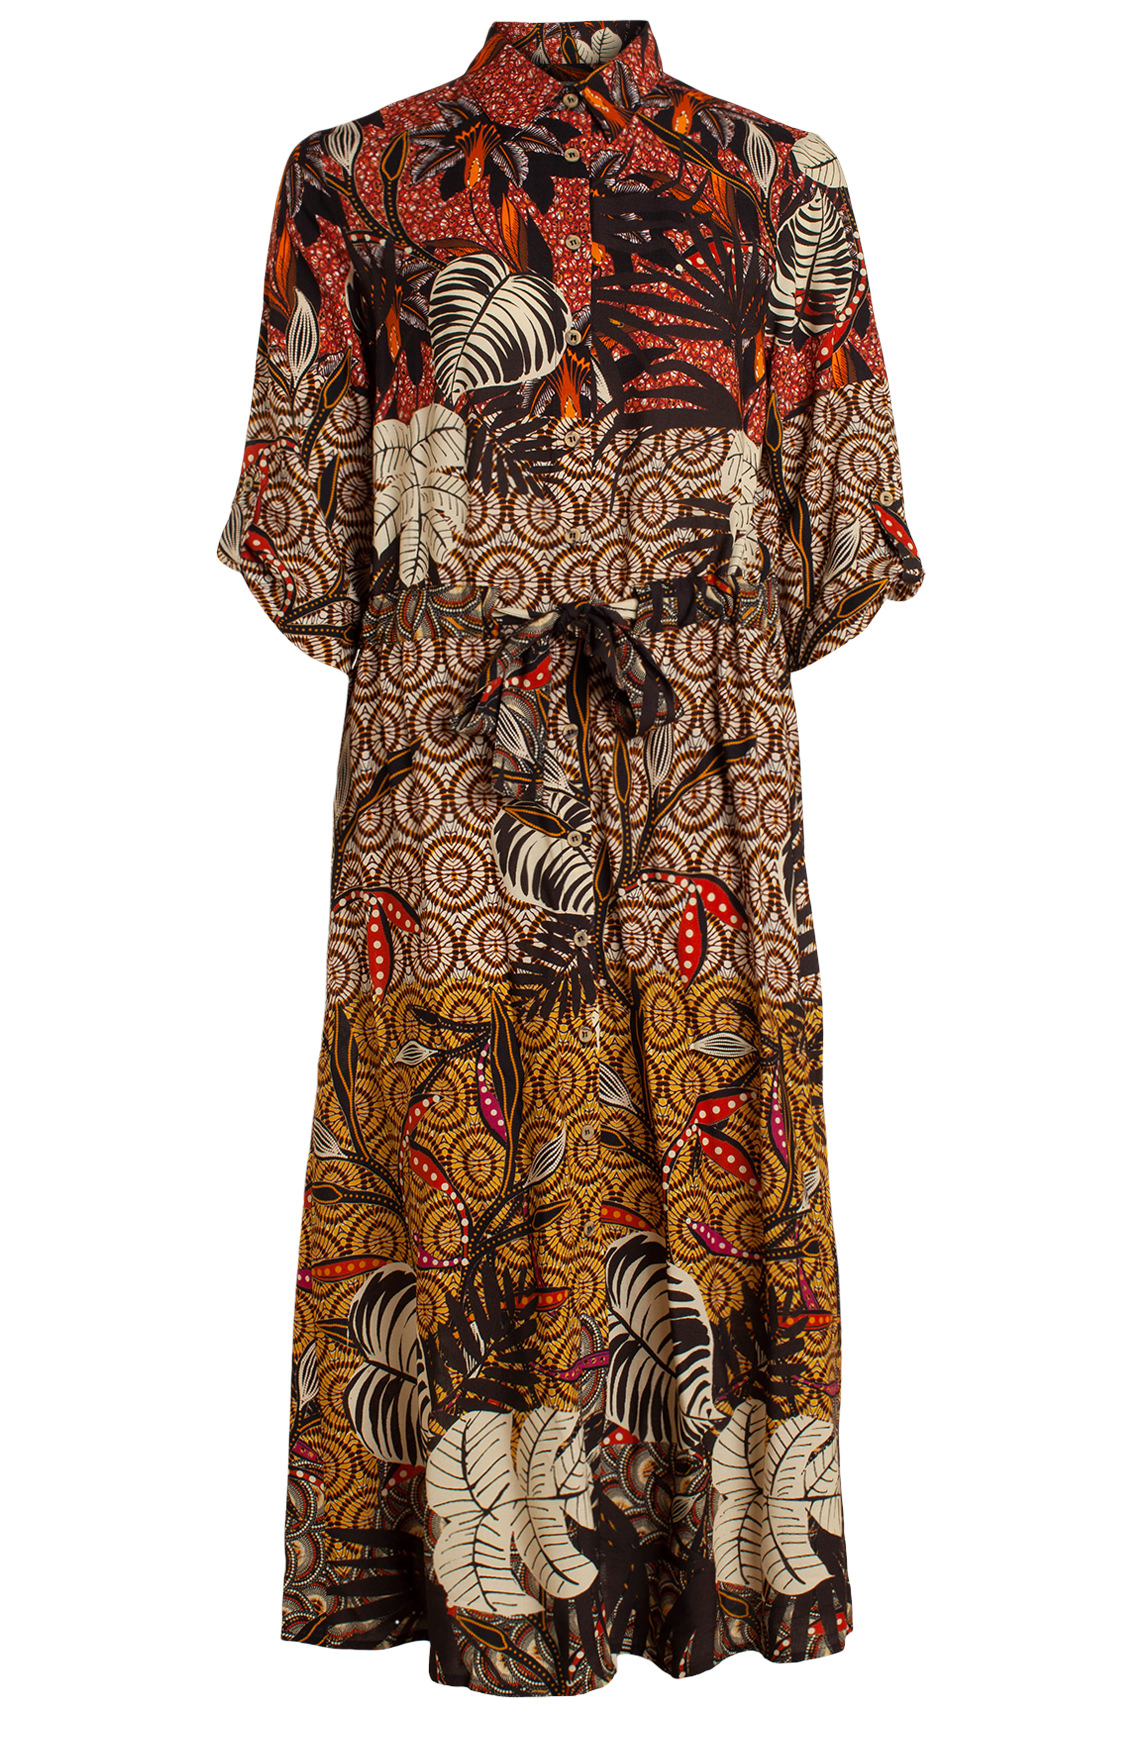 Anna Dames Geprinte jurk Bruin